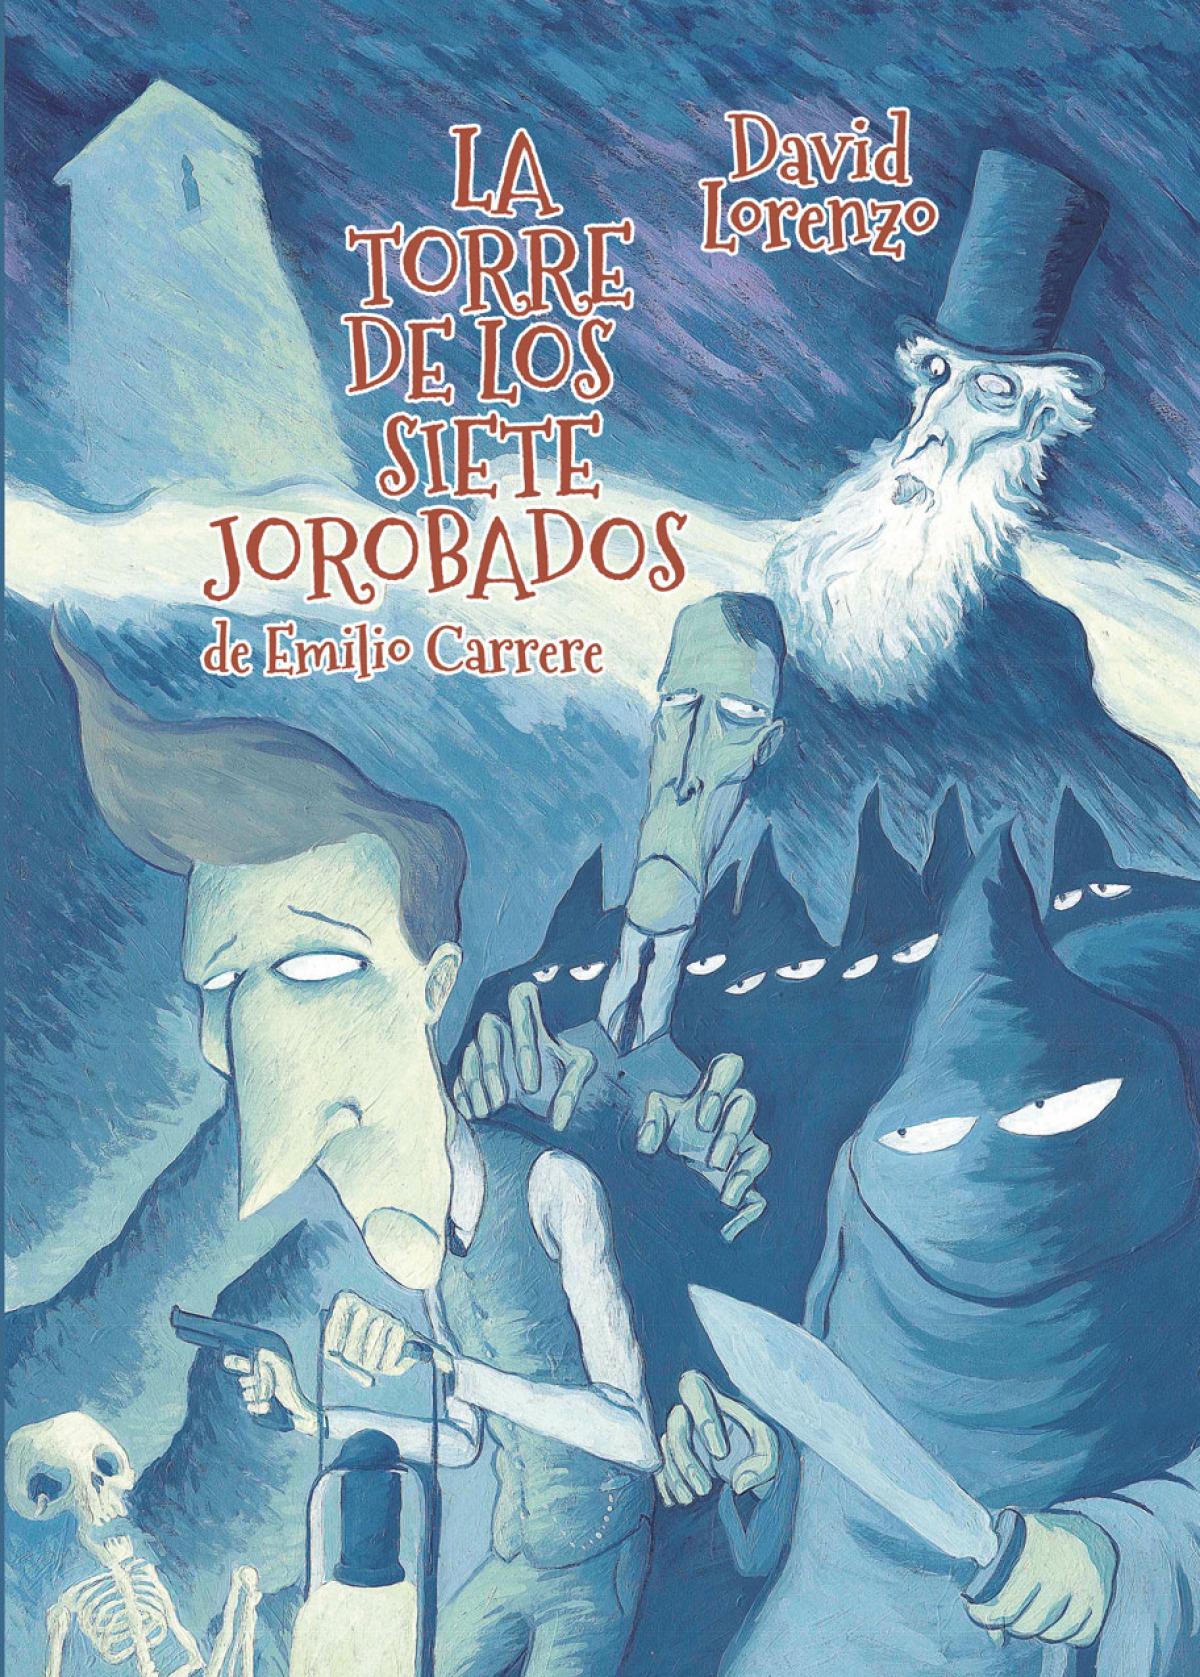 LA TORRE DE LOS SIETE JOROBADOS